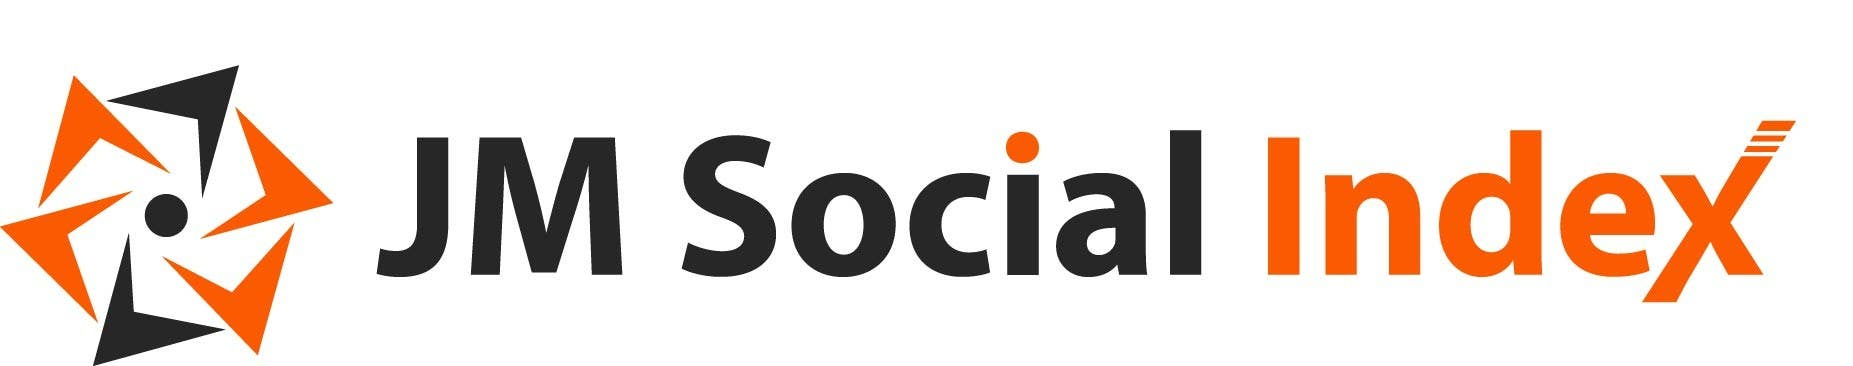 Kilpailutyö #2 kilpailussa Design a Logo for JM Social Index website